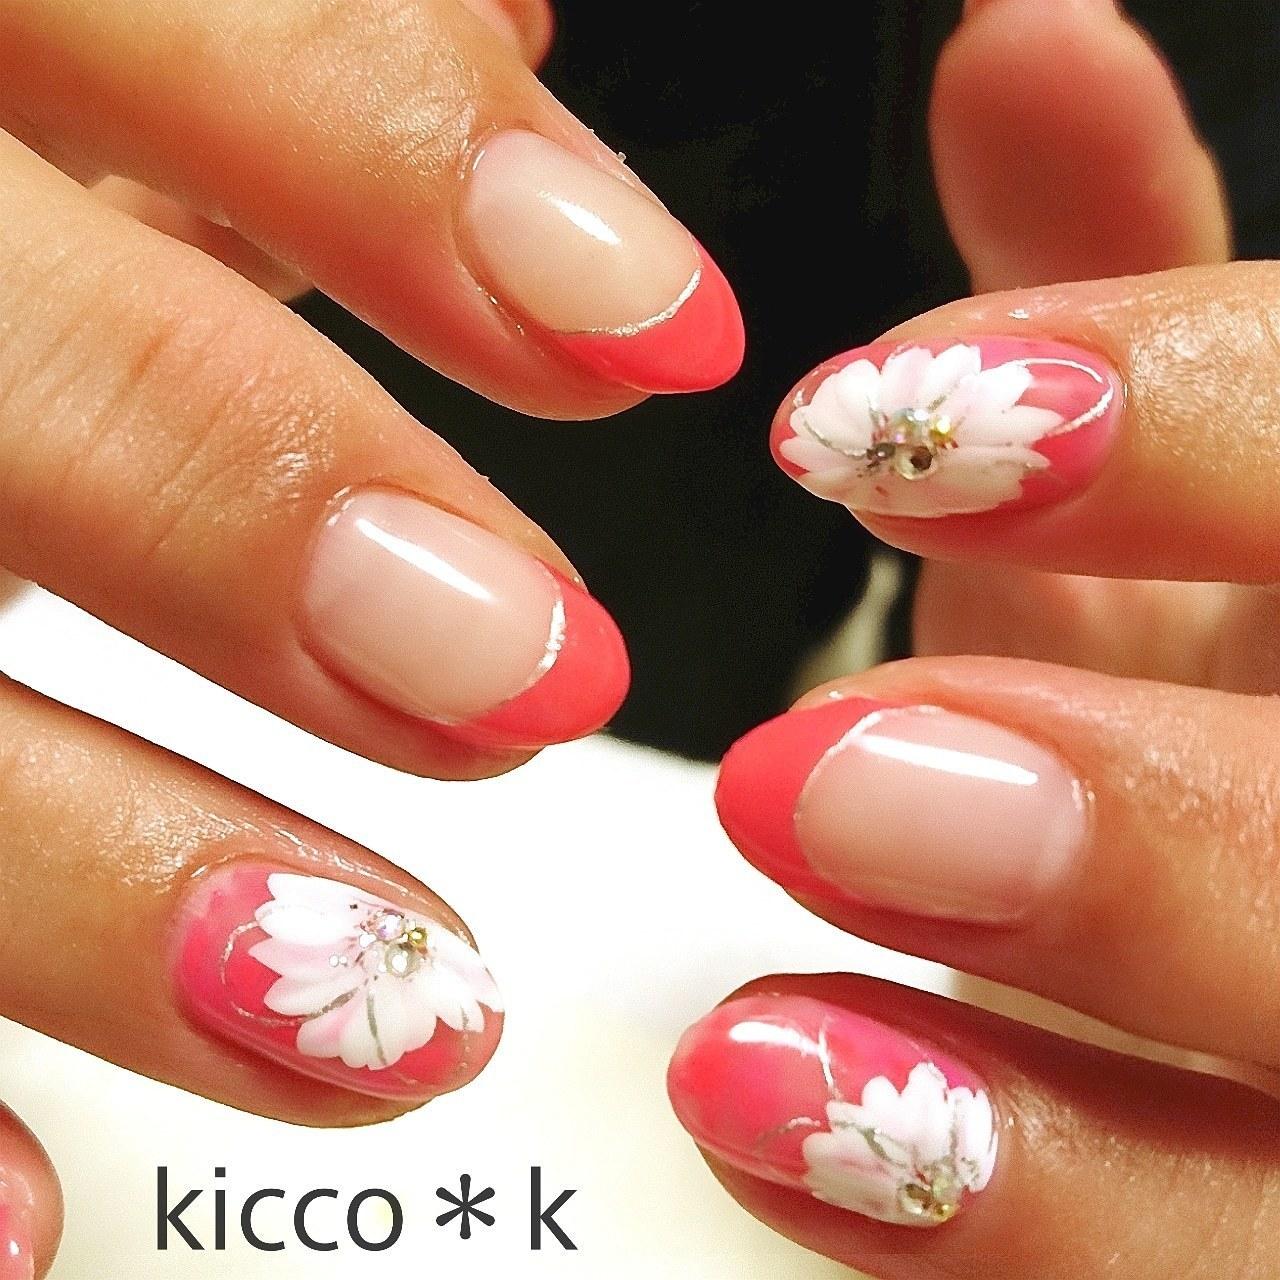 このお花が大好きなお客様✨ ベースをひそかに変えて 数回のリピートありがとうございます😊  #flowersnails  #handpainted #pink #frenchnails #vetro #nail #nails #nailist #nailsalon #instanails #nailswag #nailstagram #nailart #naildesign  #cutenails #フラワーネイル #フレンチネイル #ネイル #ネイルデザイン #大人ネイル #ネイルサロン #自宅サロン #kicco_k